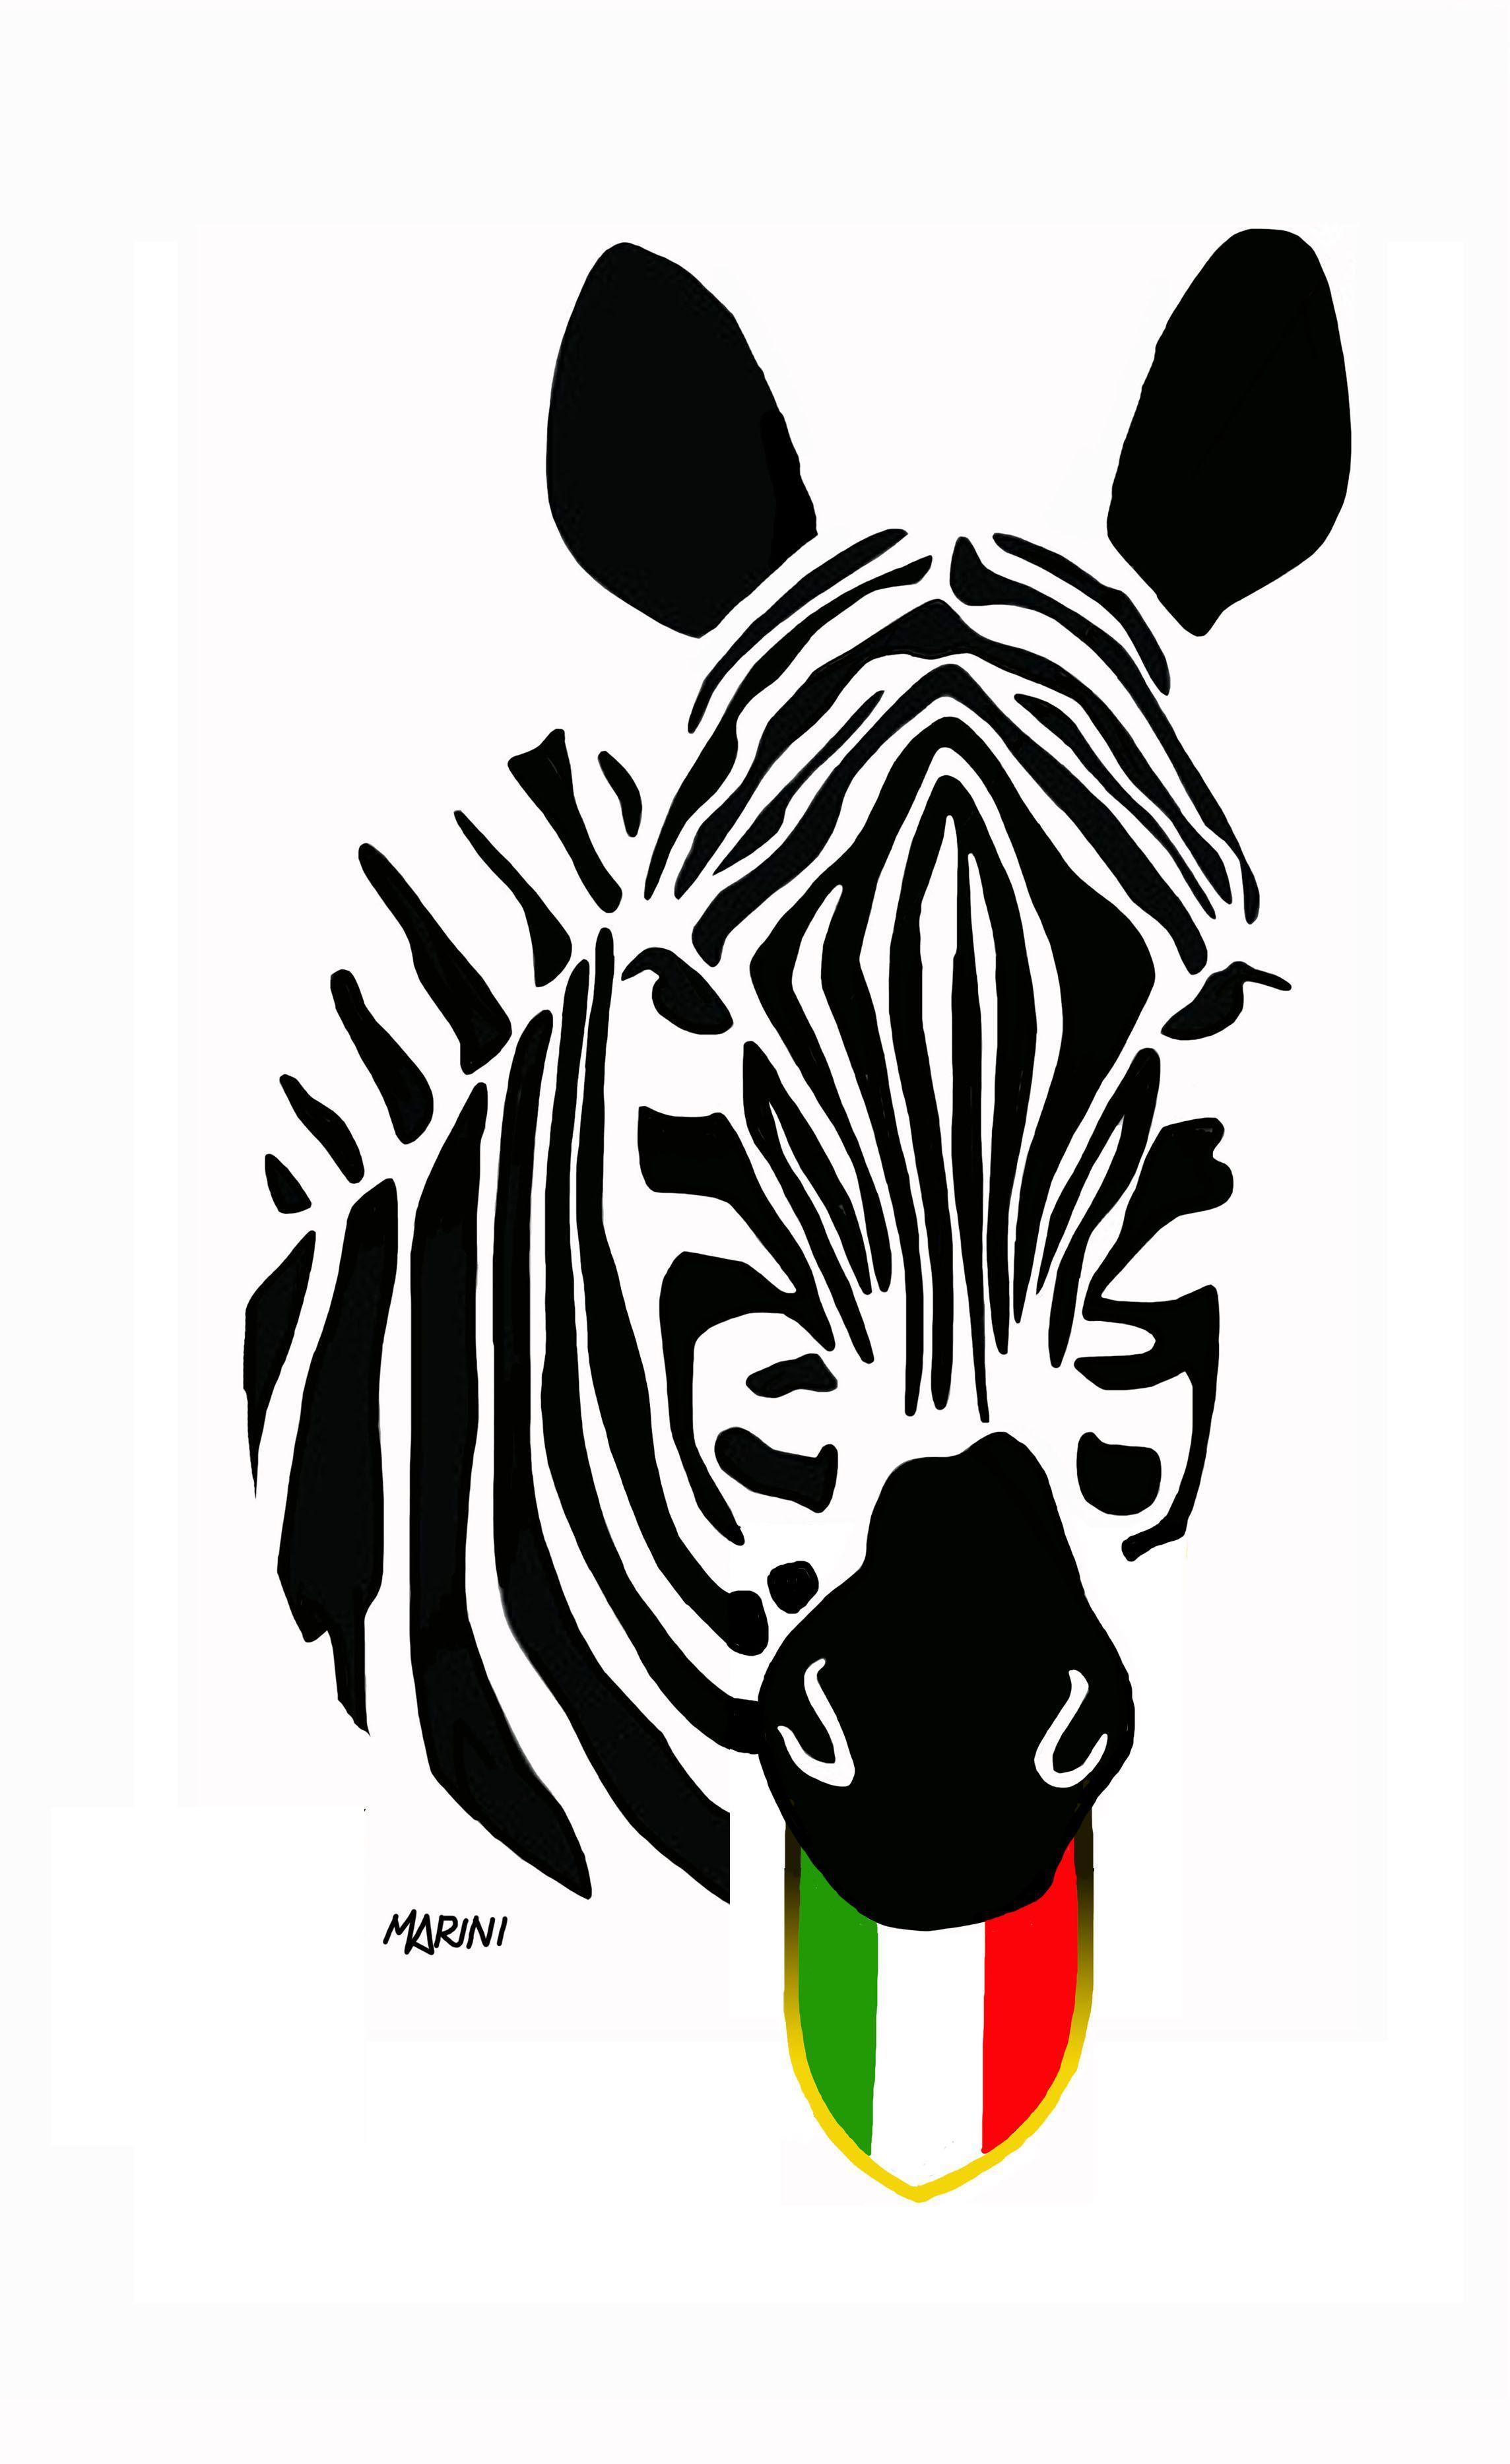 Juve Scudetto VALERIO MARINI Pinterest